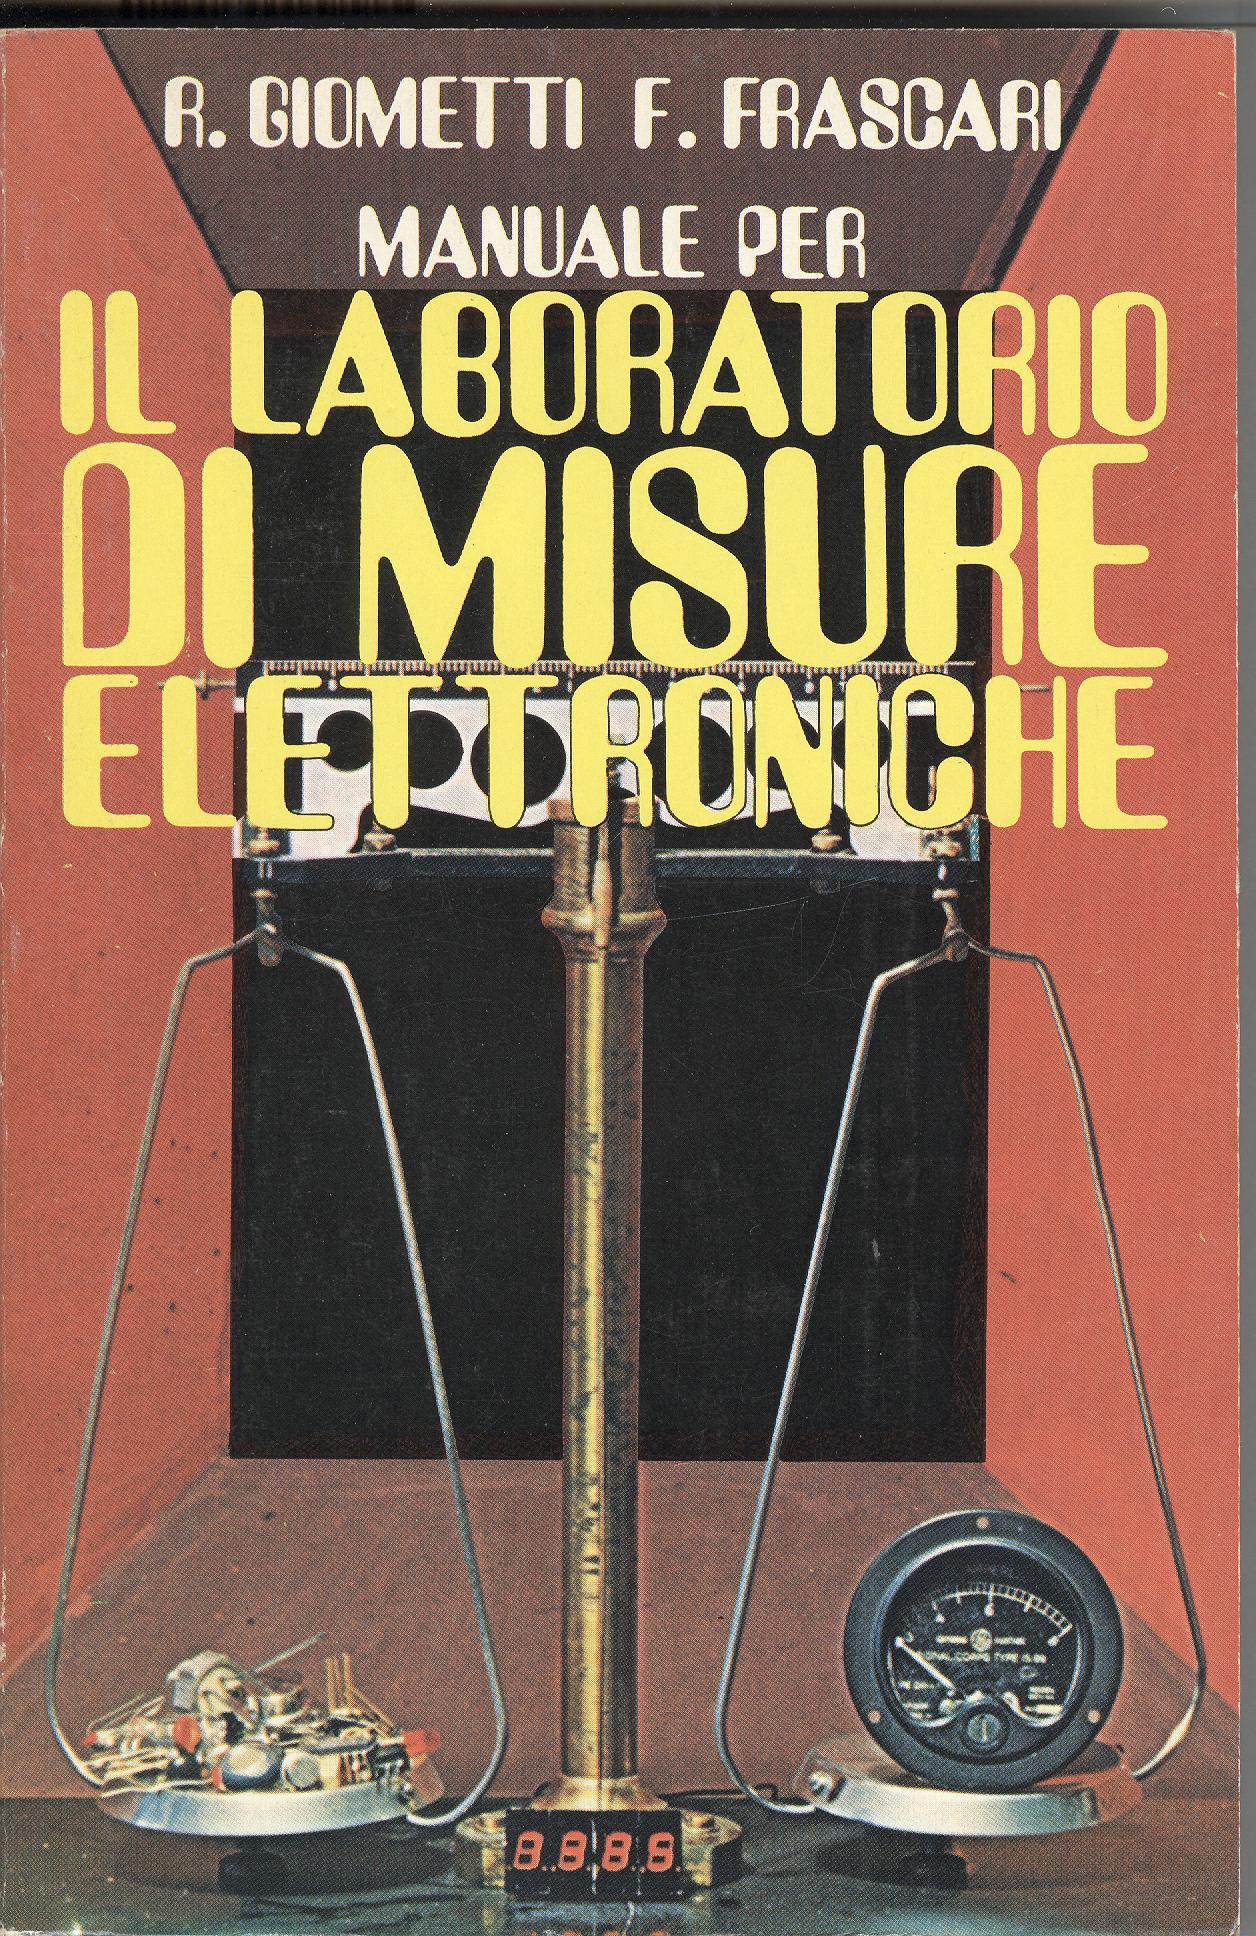 Manuale per il laboratorio di misure elettroniche